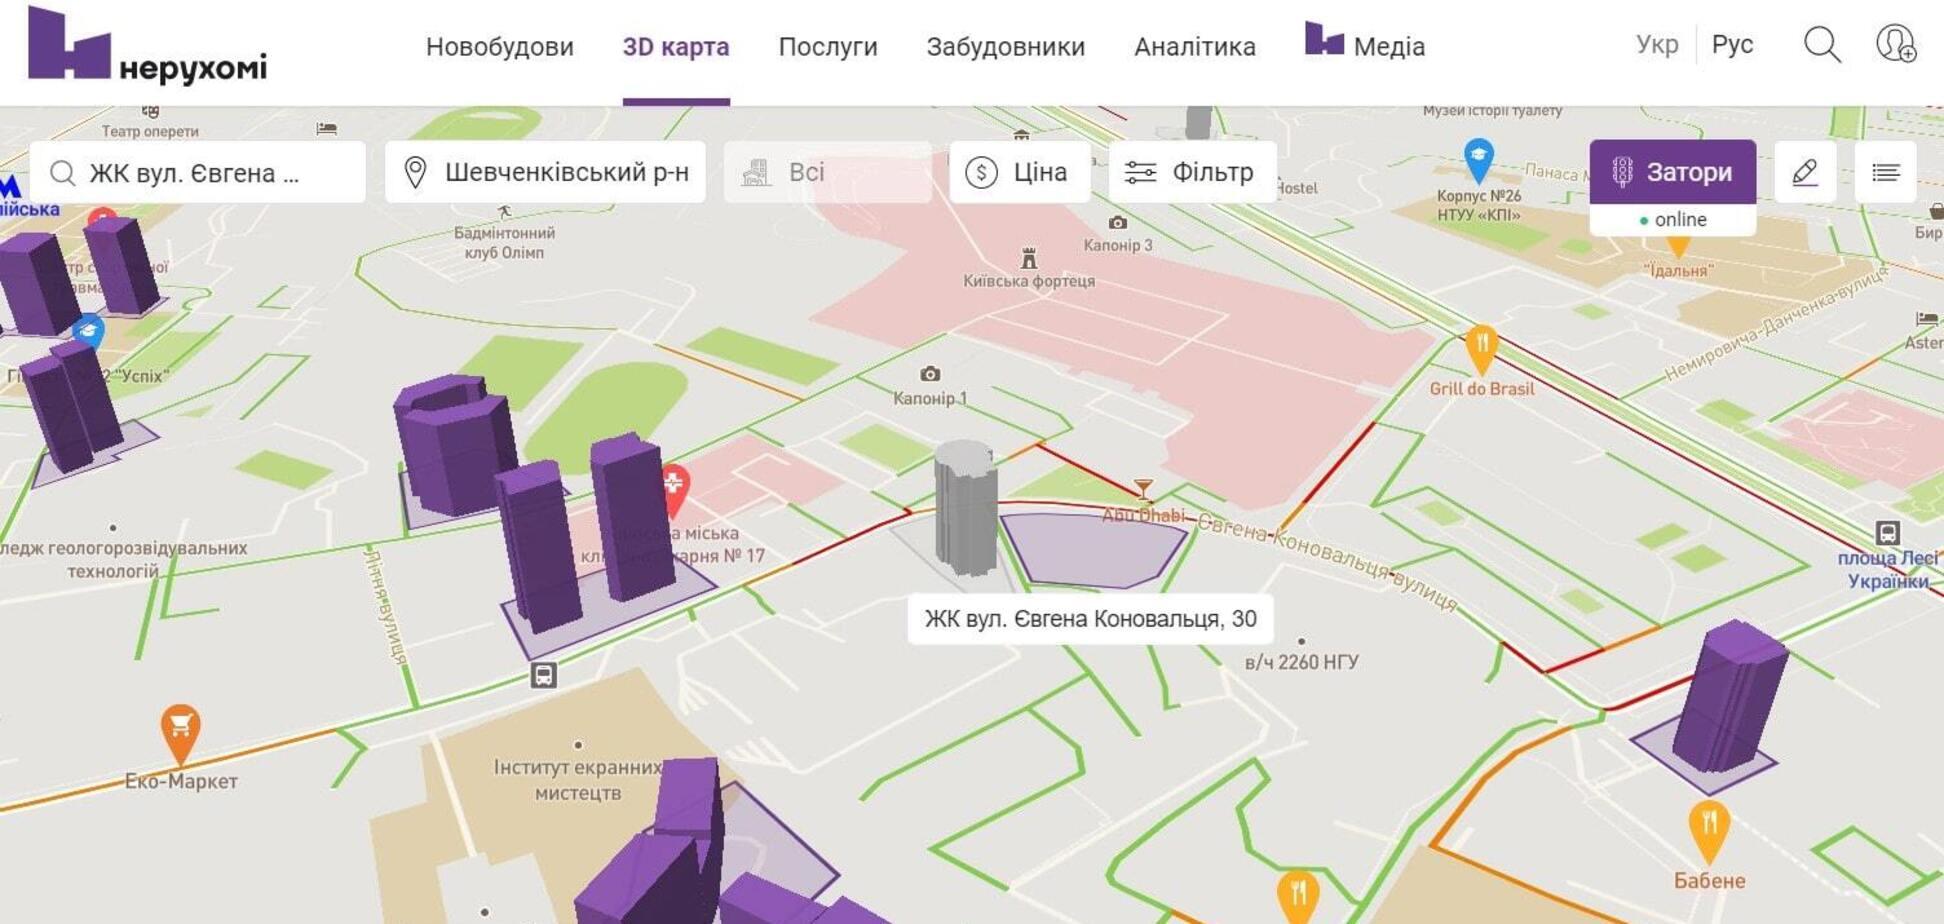 ЖК на Коновальця, 30: житлова висотка в історичній частині міста